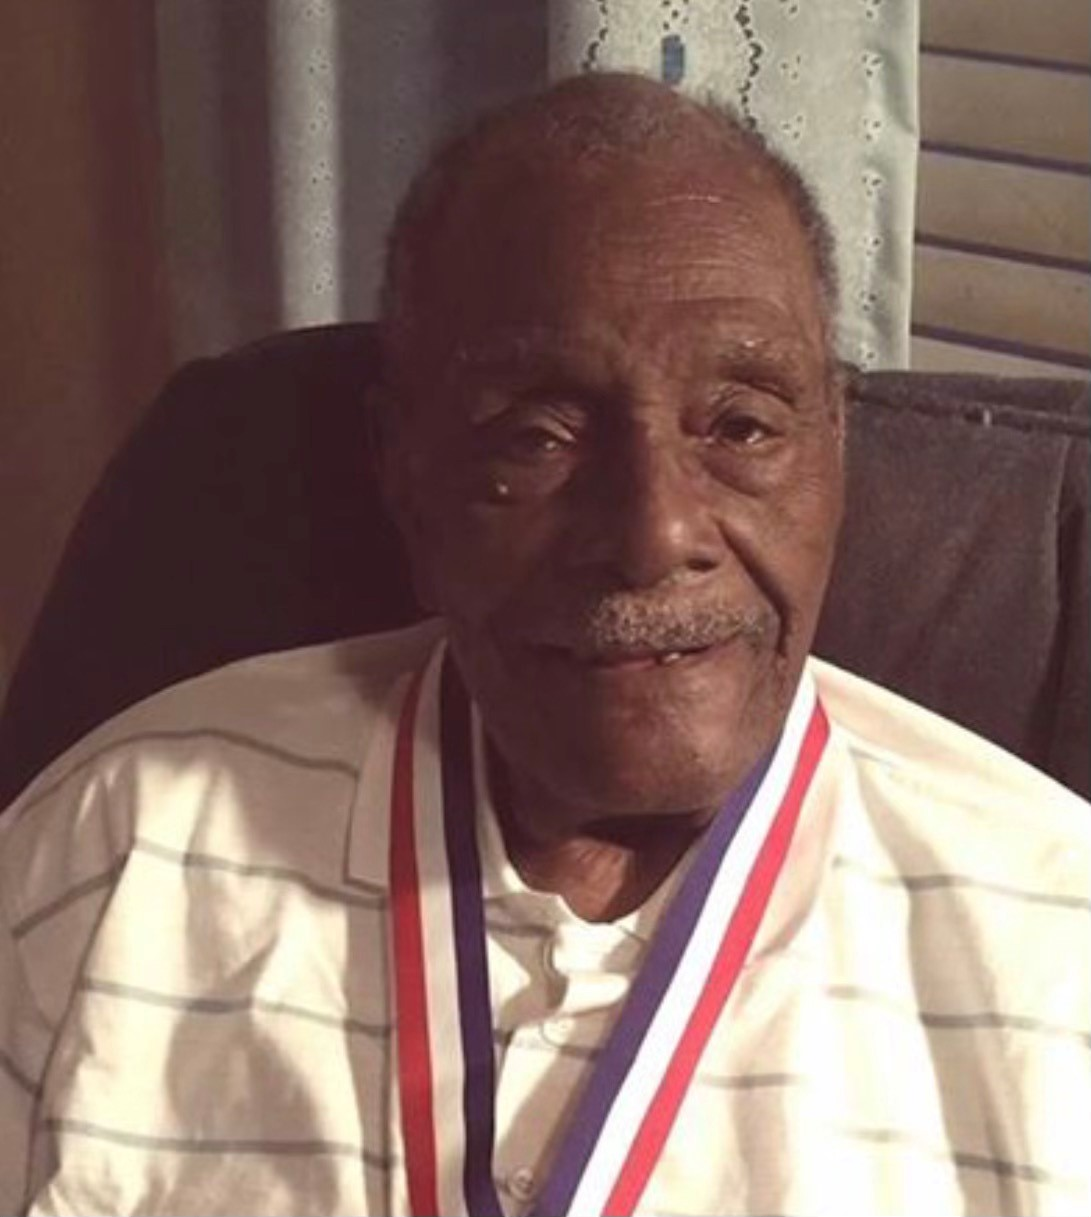 Un veteran de război, în vârstă de 105 ani, a dezvăluit care este secretul longevității